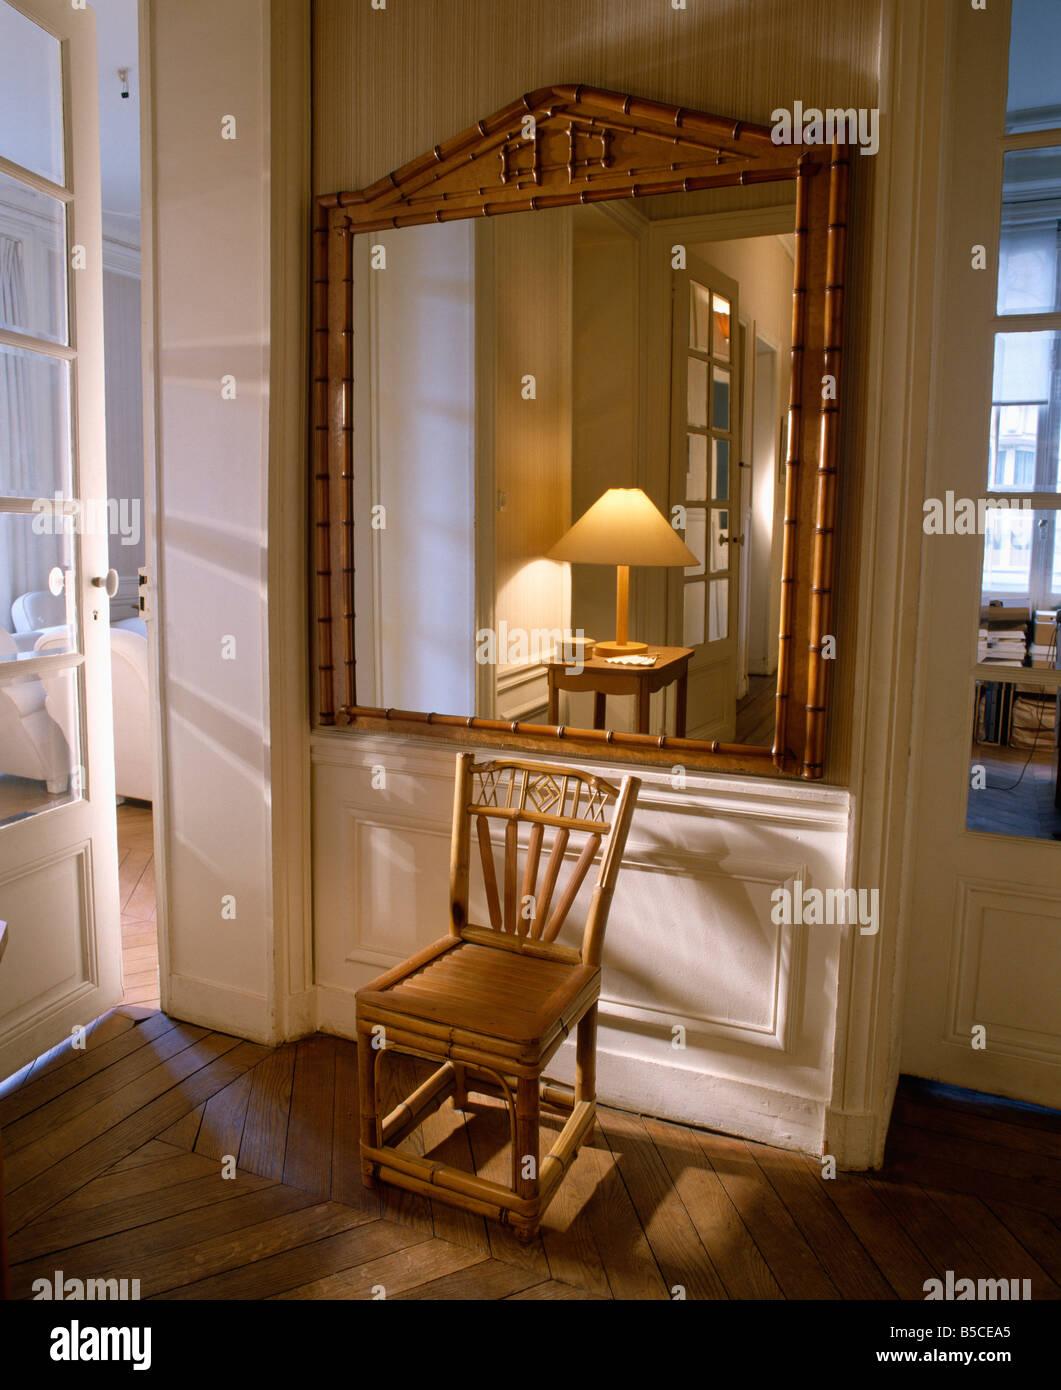 antike bambus stuhl unter großen bambus-gerahmte spiegel in creme